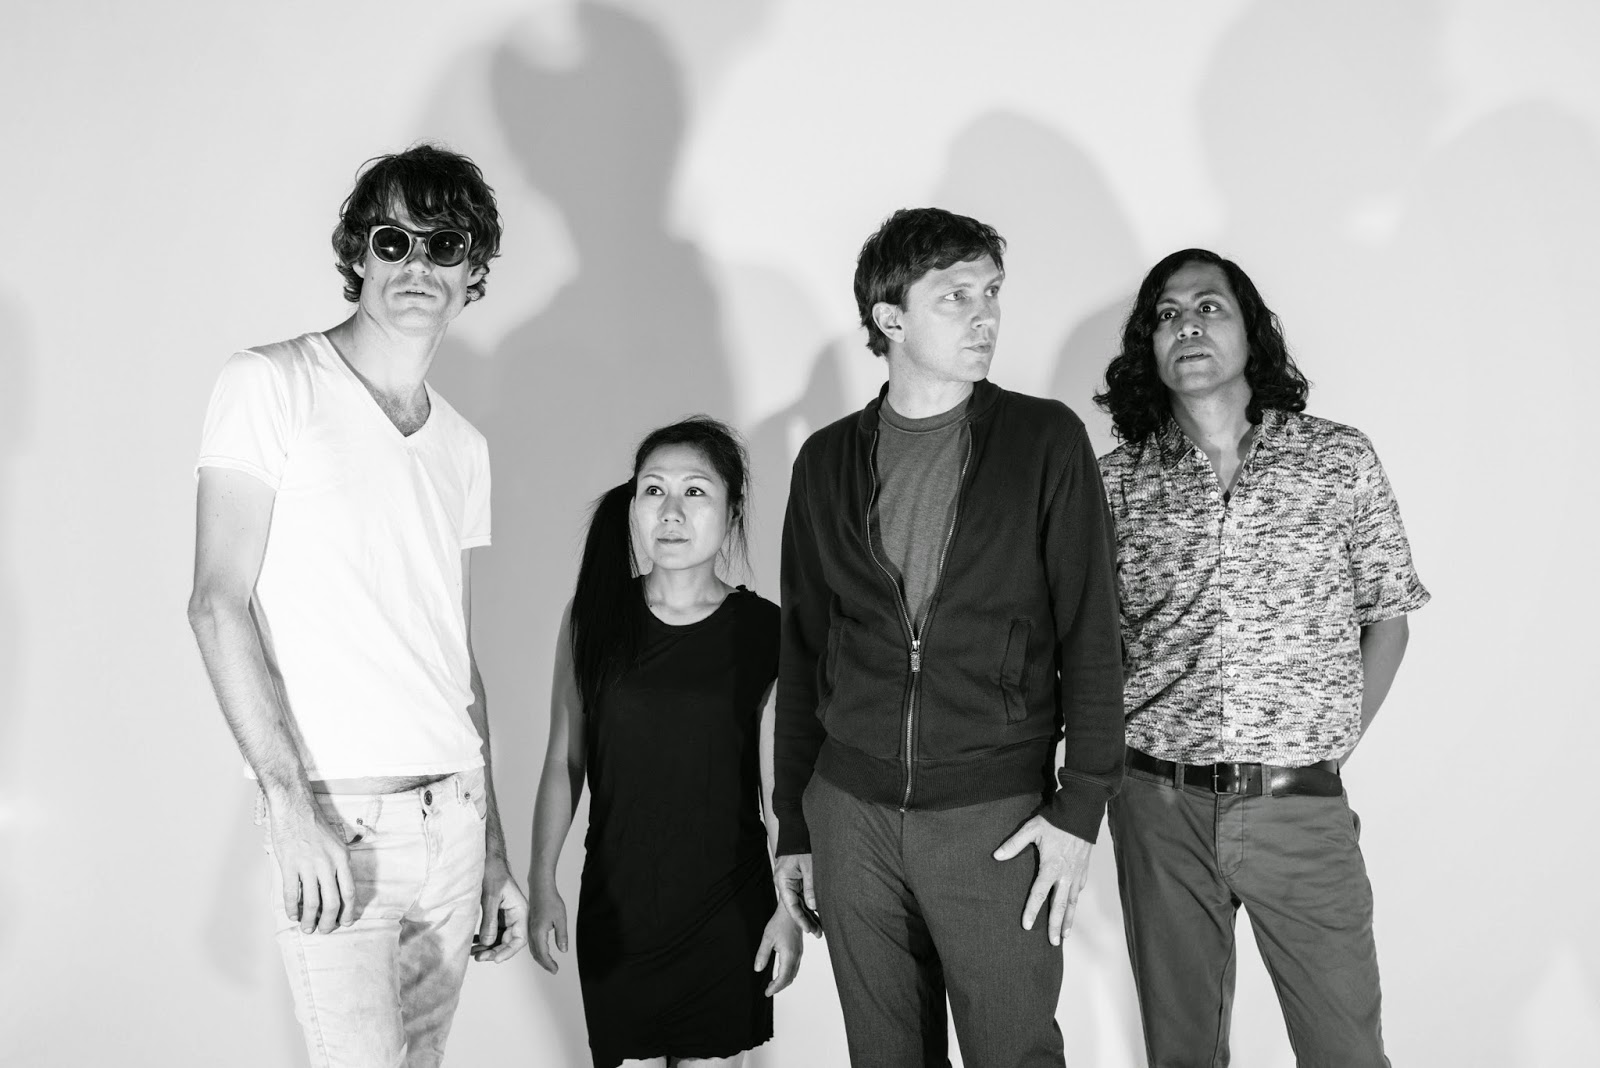 Deerhoof band member quartet all together